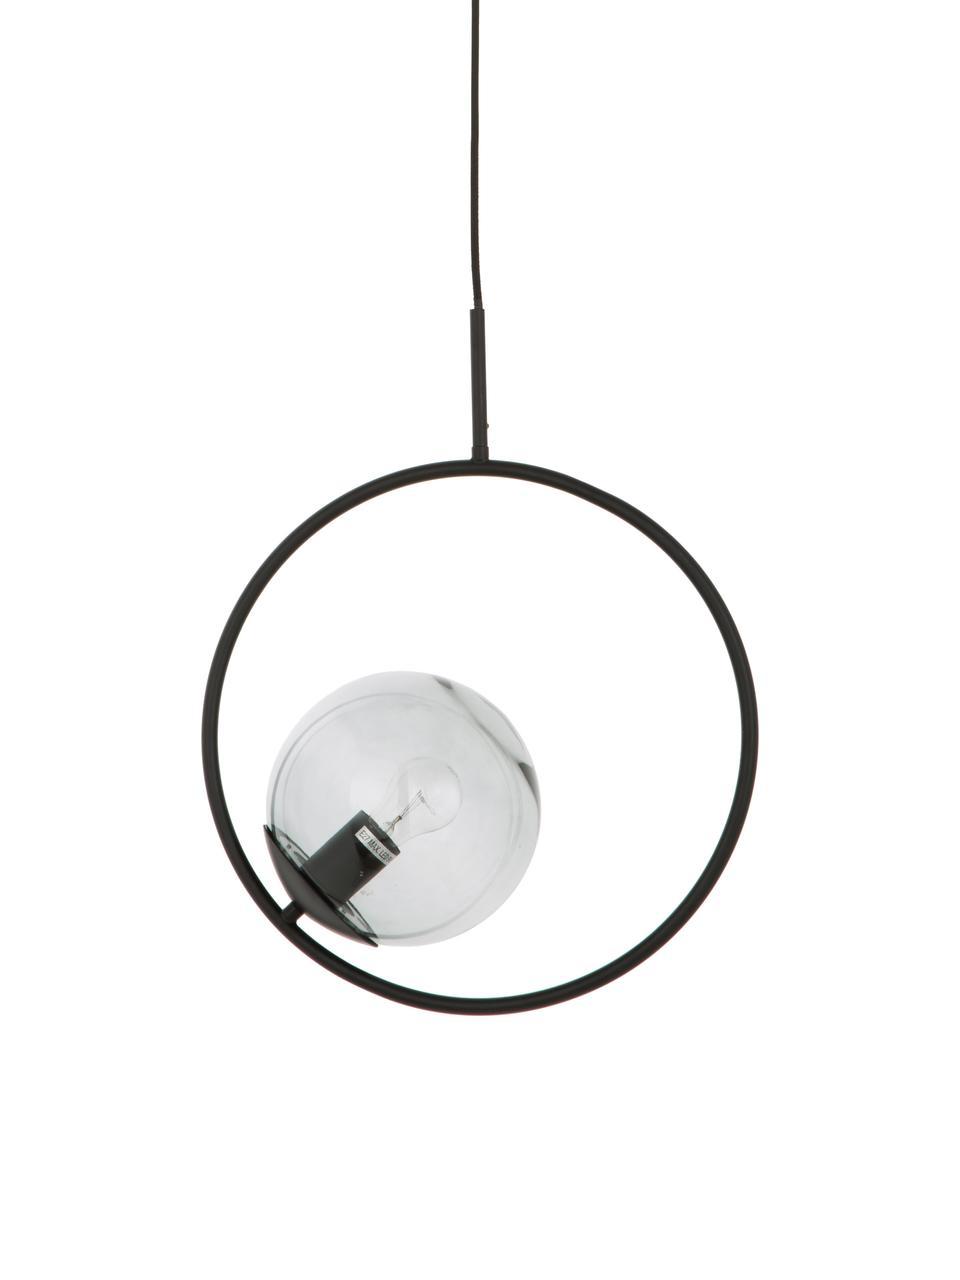 Pendelleuchte Chloe aus Glas und Metall, Lampenschirm: Glas, Grau, Schwarz, 40 x 51 cm